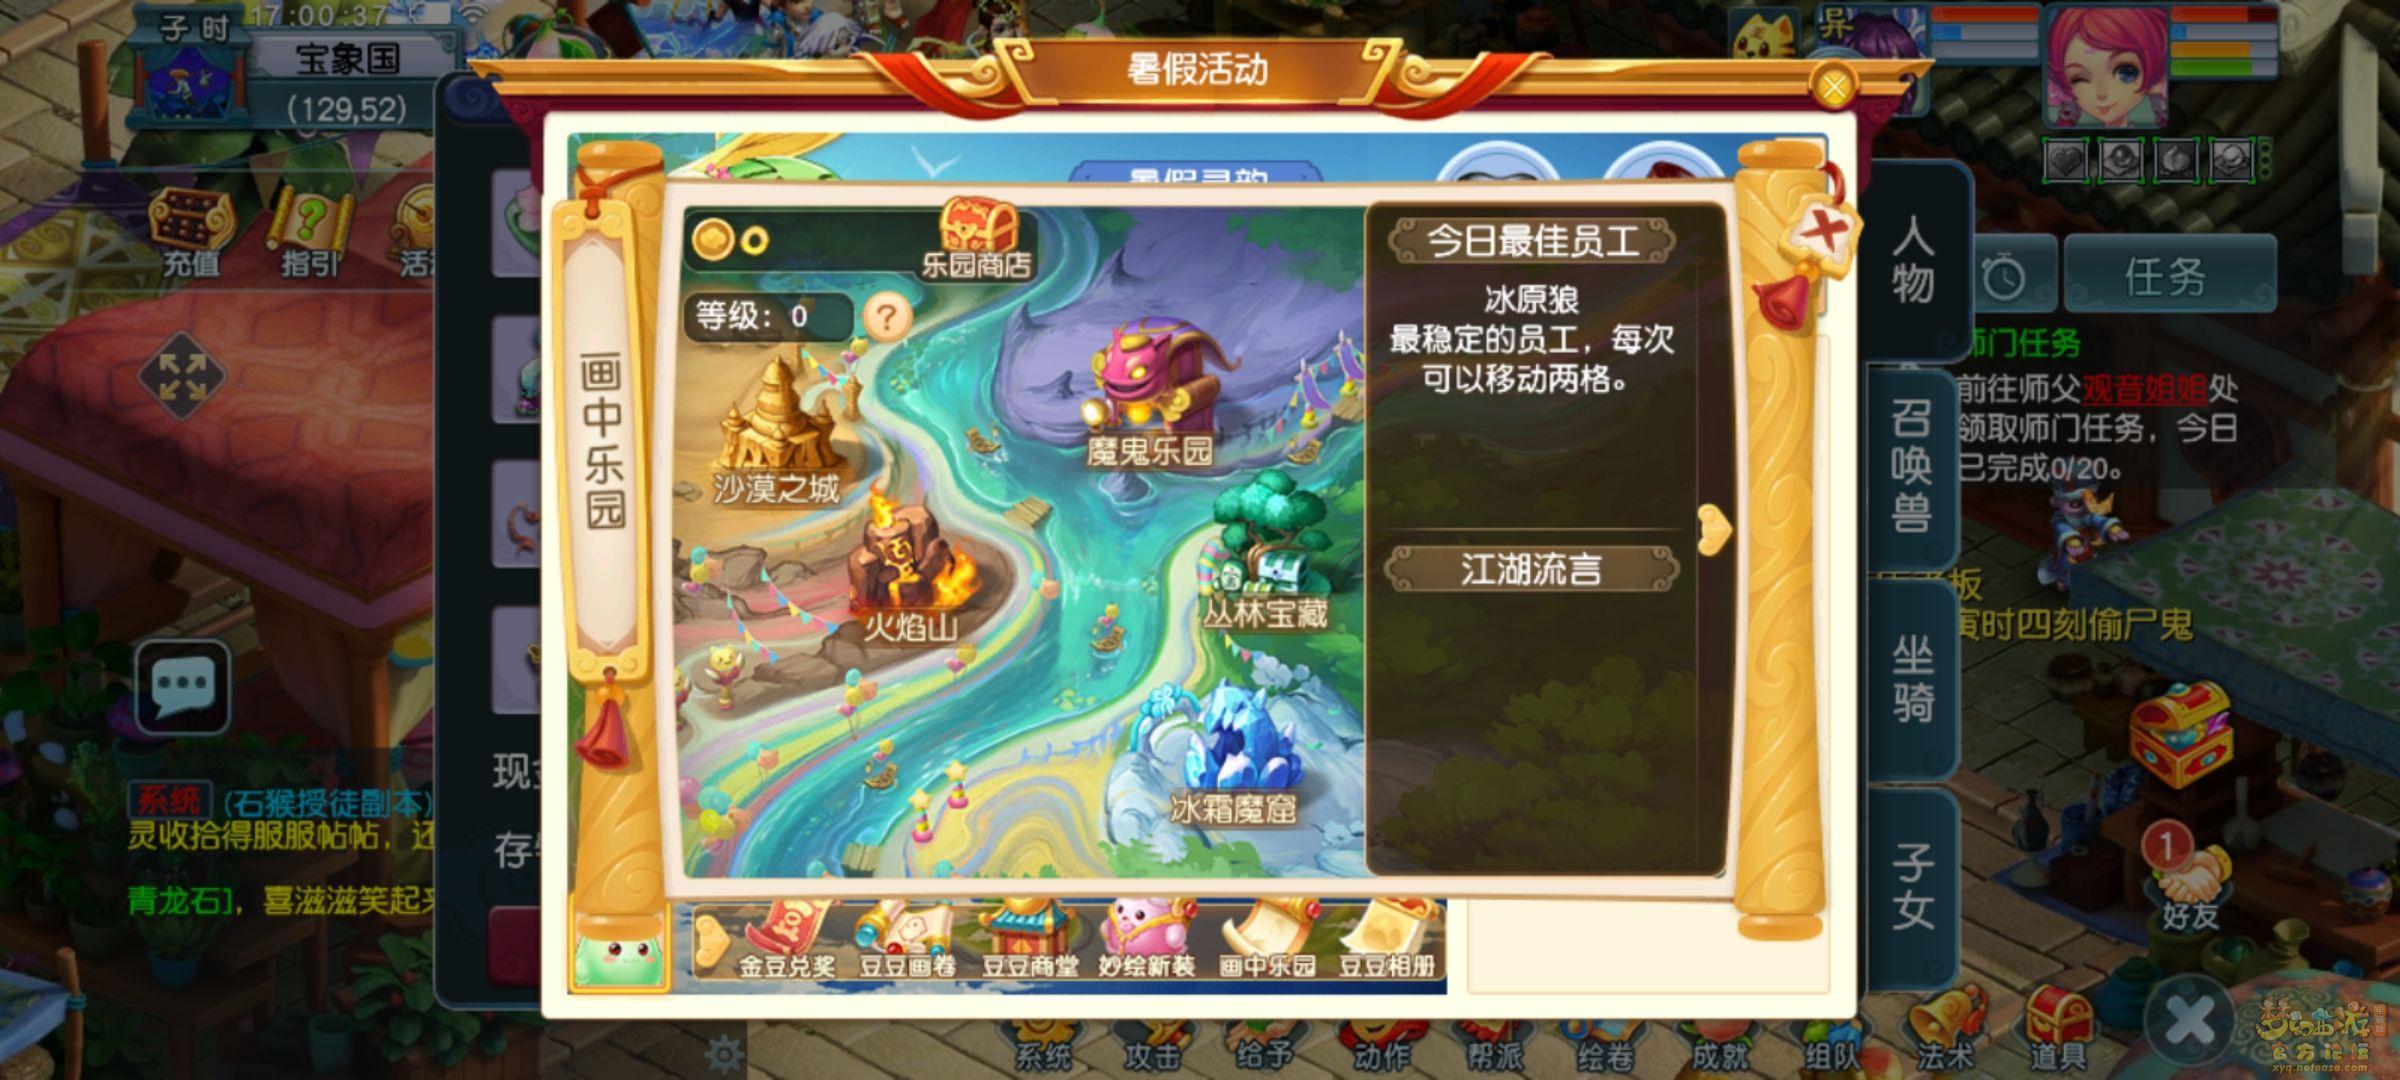 Screenshot_20210709_170038_com.netease.mhxyhtb.jpg